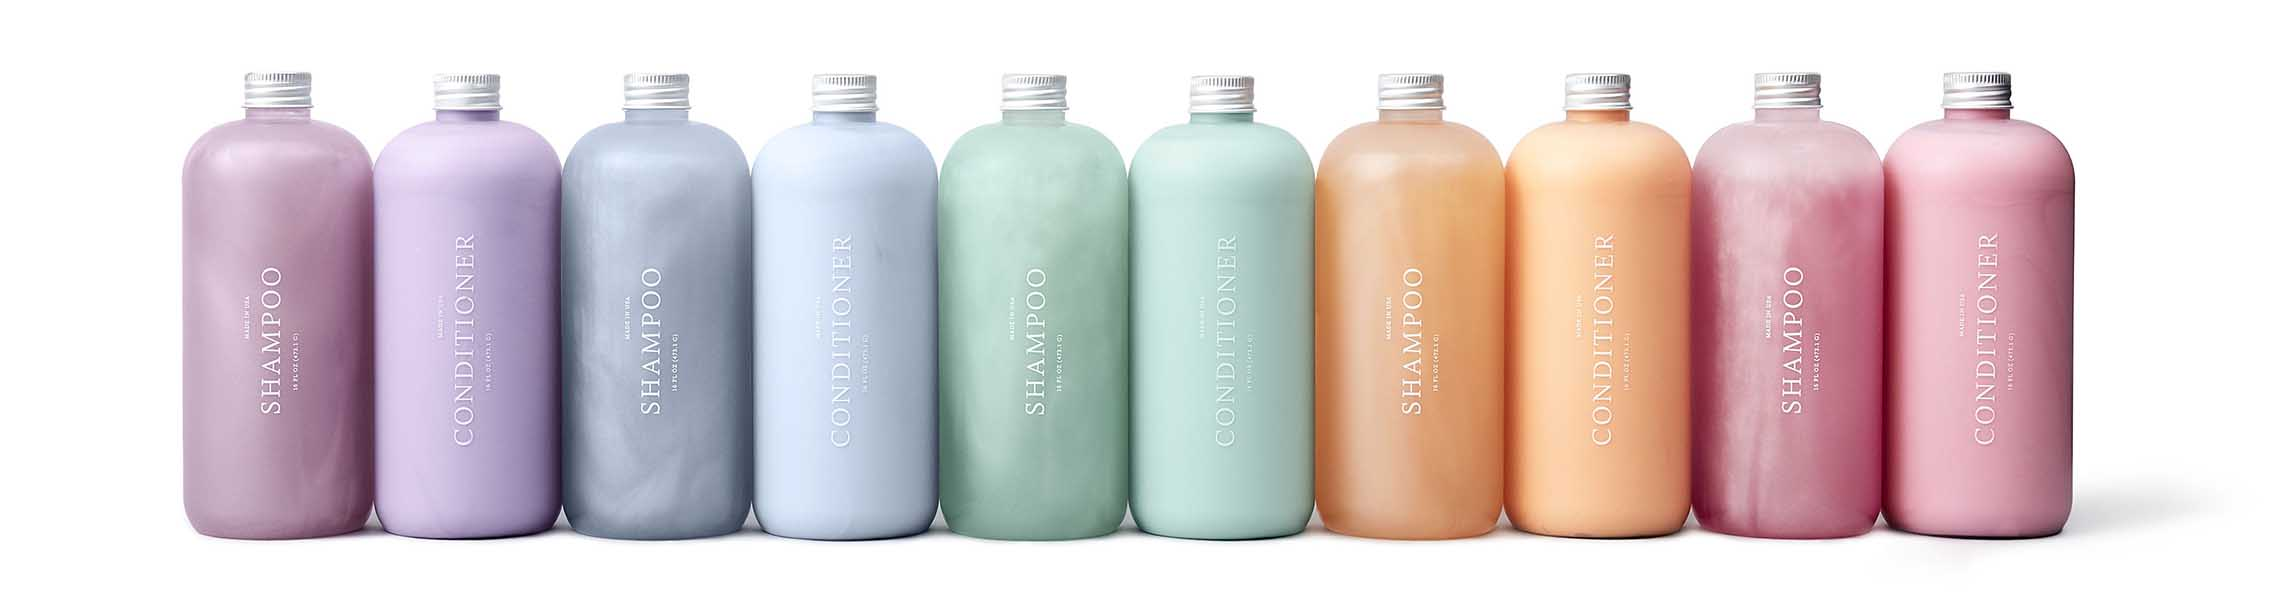 spersonalizowane szampony warte 110 milion w dolar w blaber. Black Bedroom Furniture Sets. Home Design Ideas